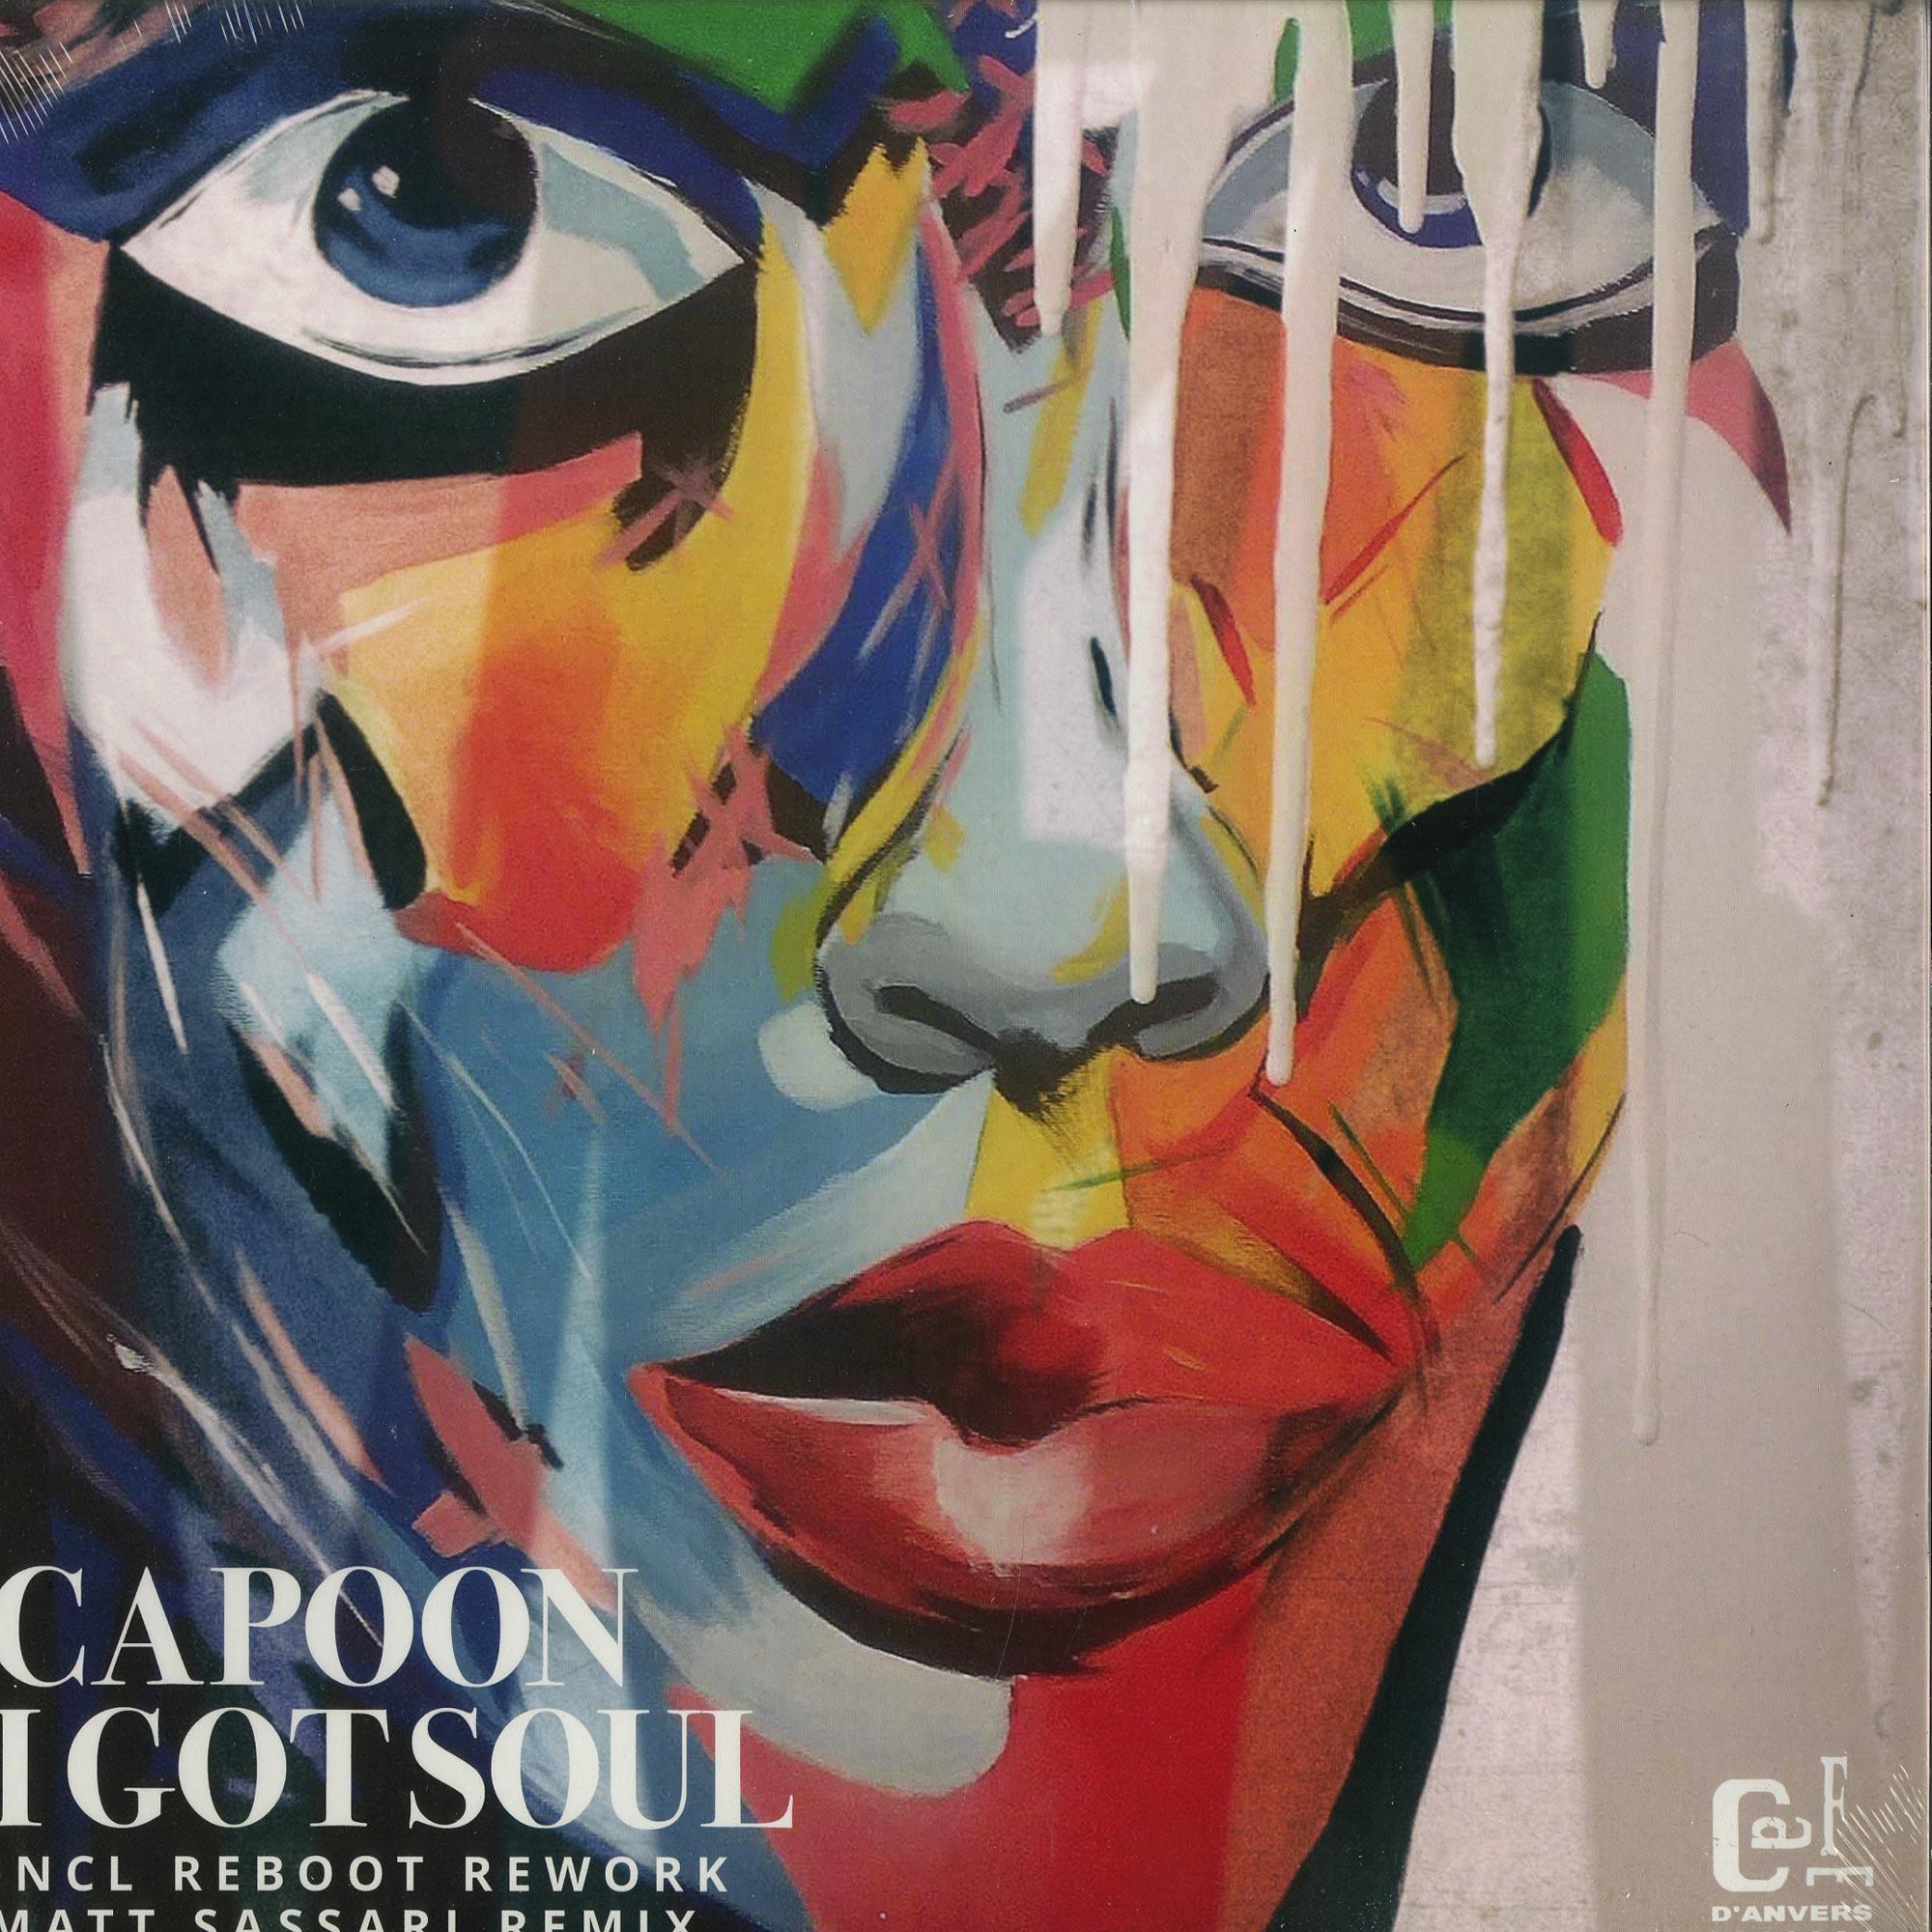 CAPOON - I GOT SOUL